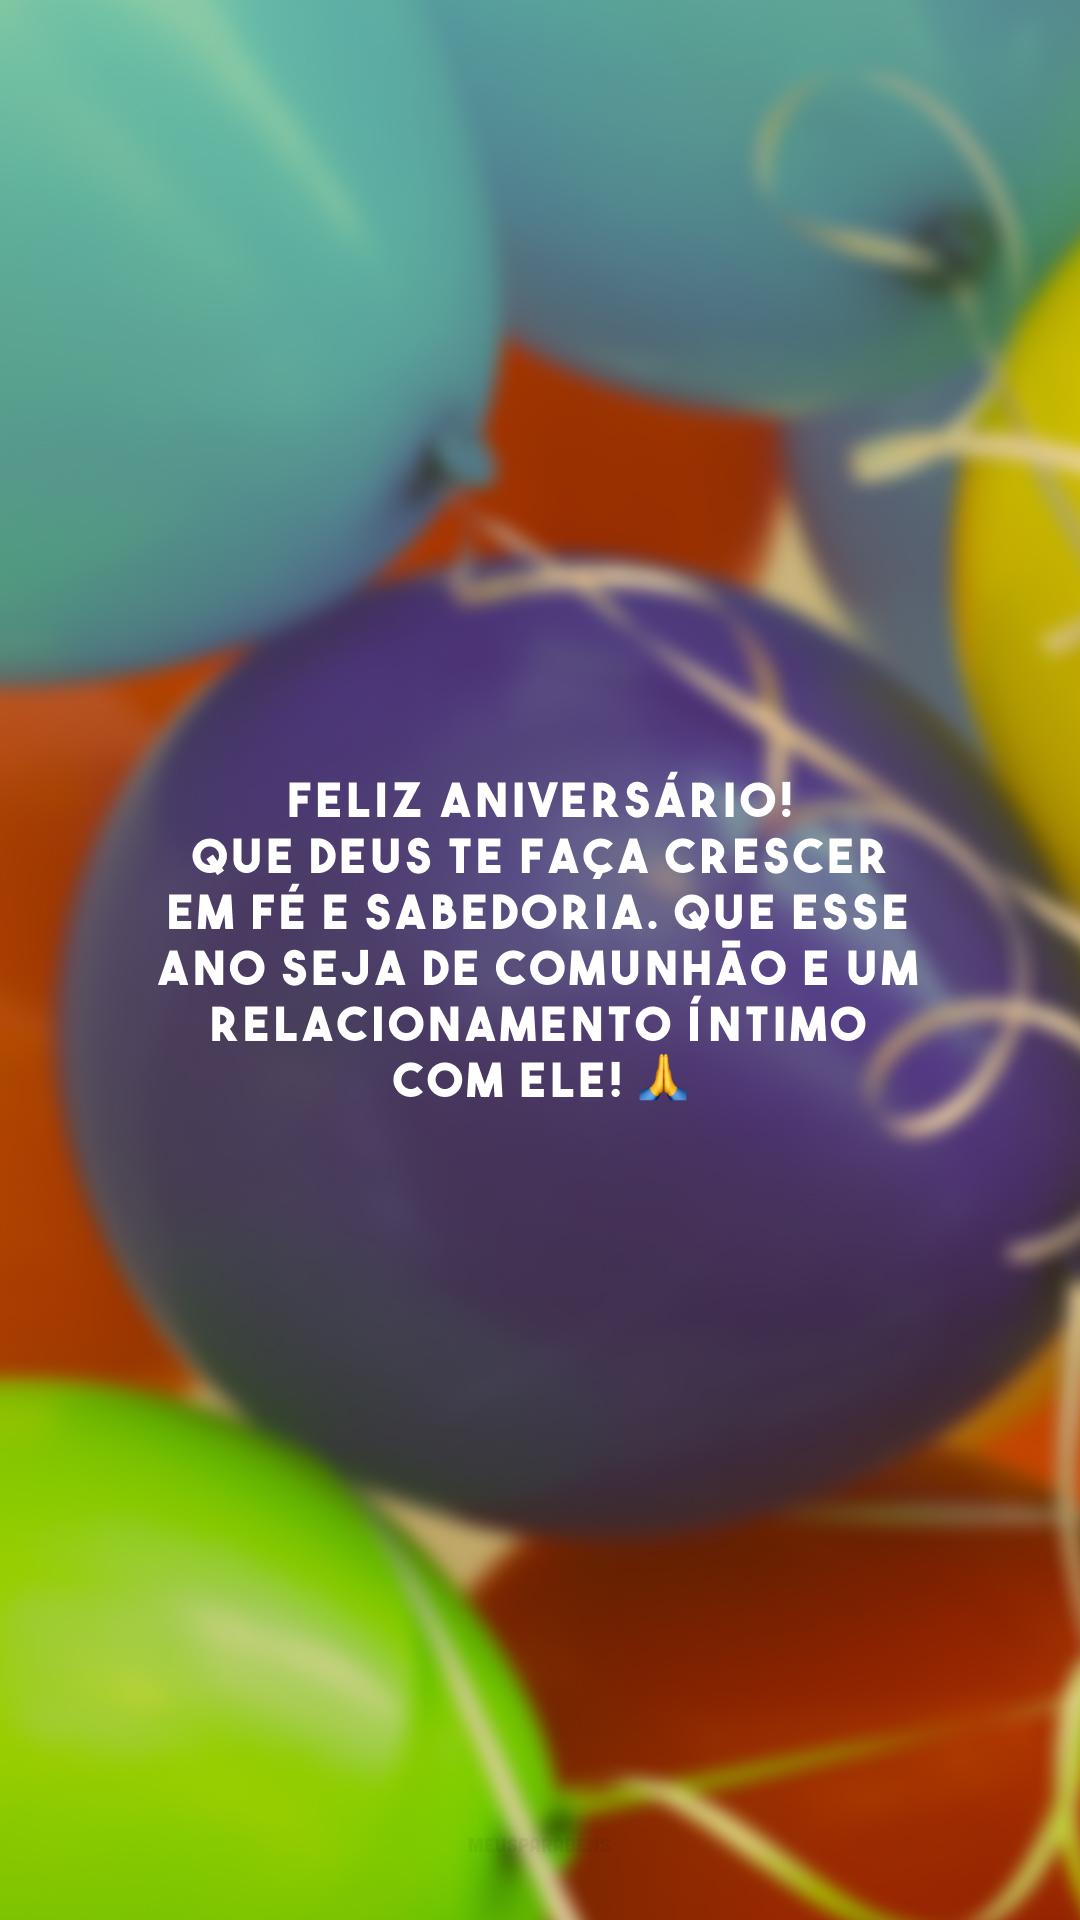 Feliz aniversário! Que Deus te faça crescer em fé e sabedoria. Que esse ano seja de comunhão e um relacionamento íntimo com Ele! 🙏